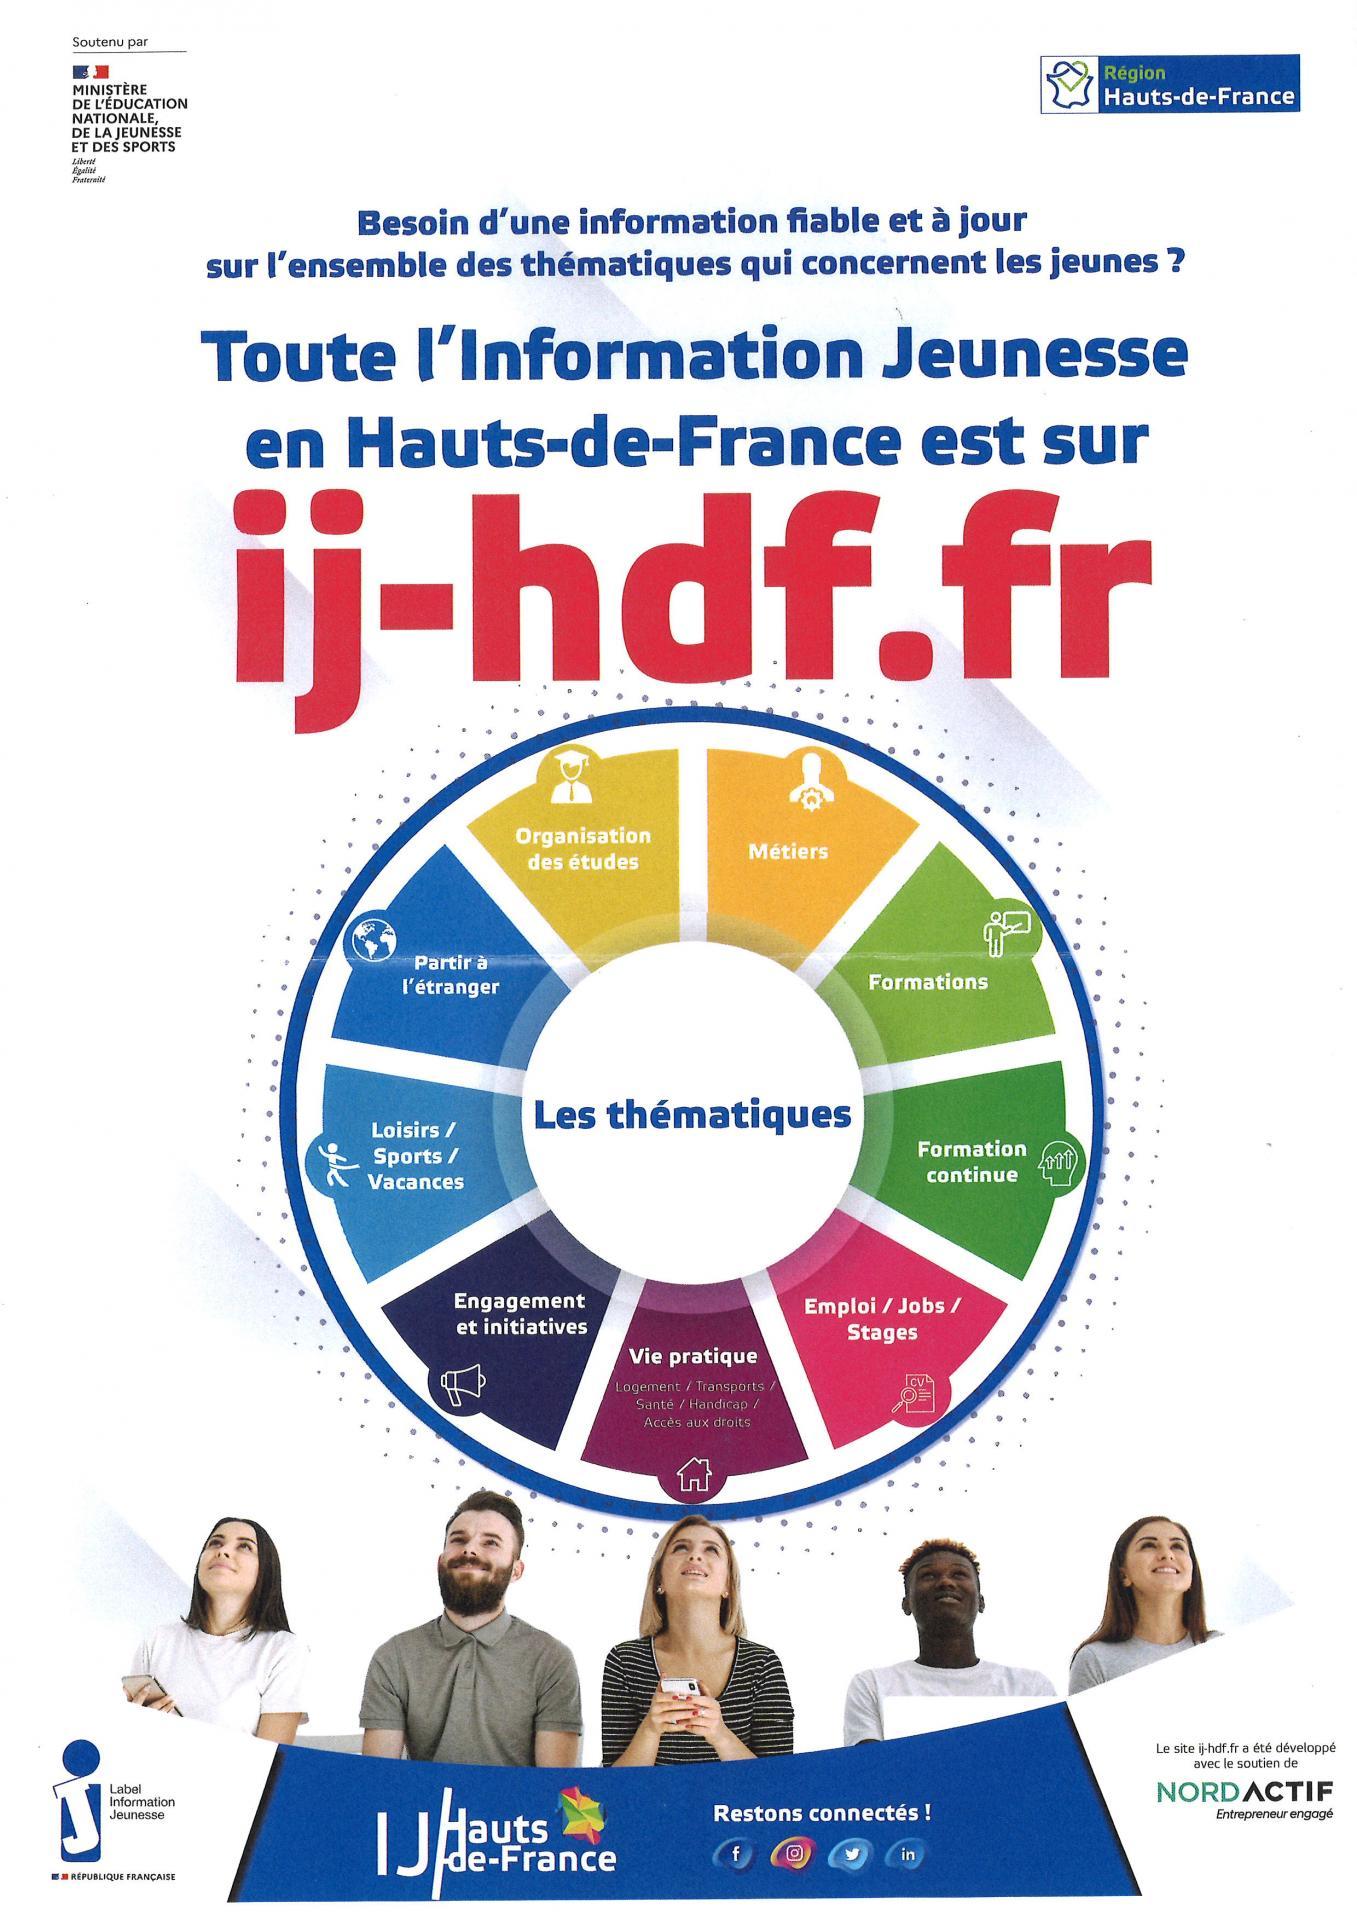 Toute l'info jeunesse en Hauts-de-France